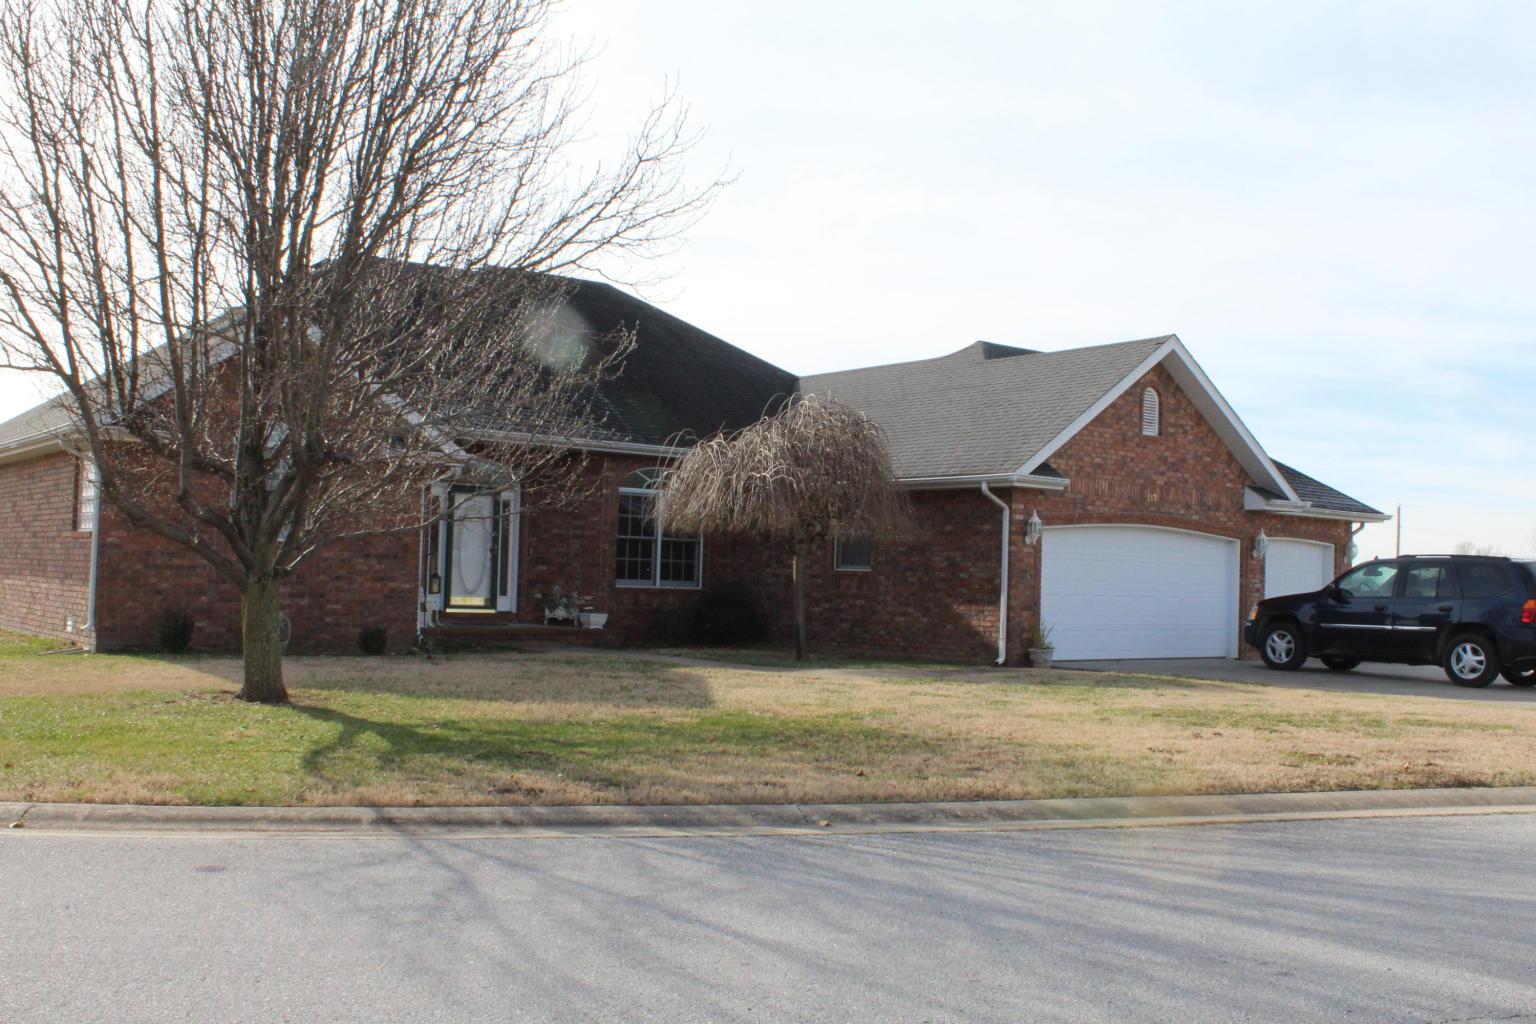 212 Dunkle, Marionville, Missouri 65705